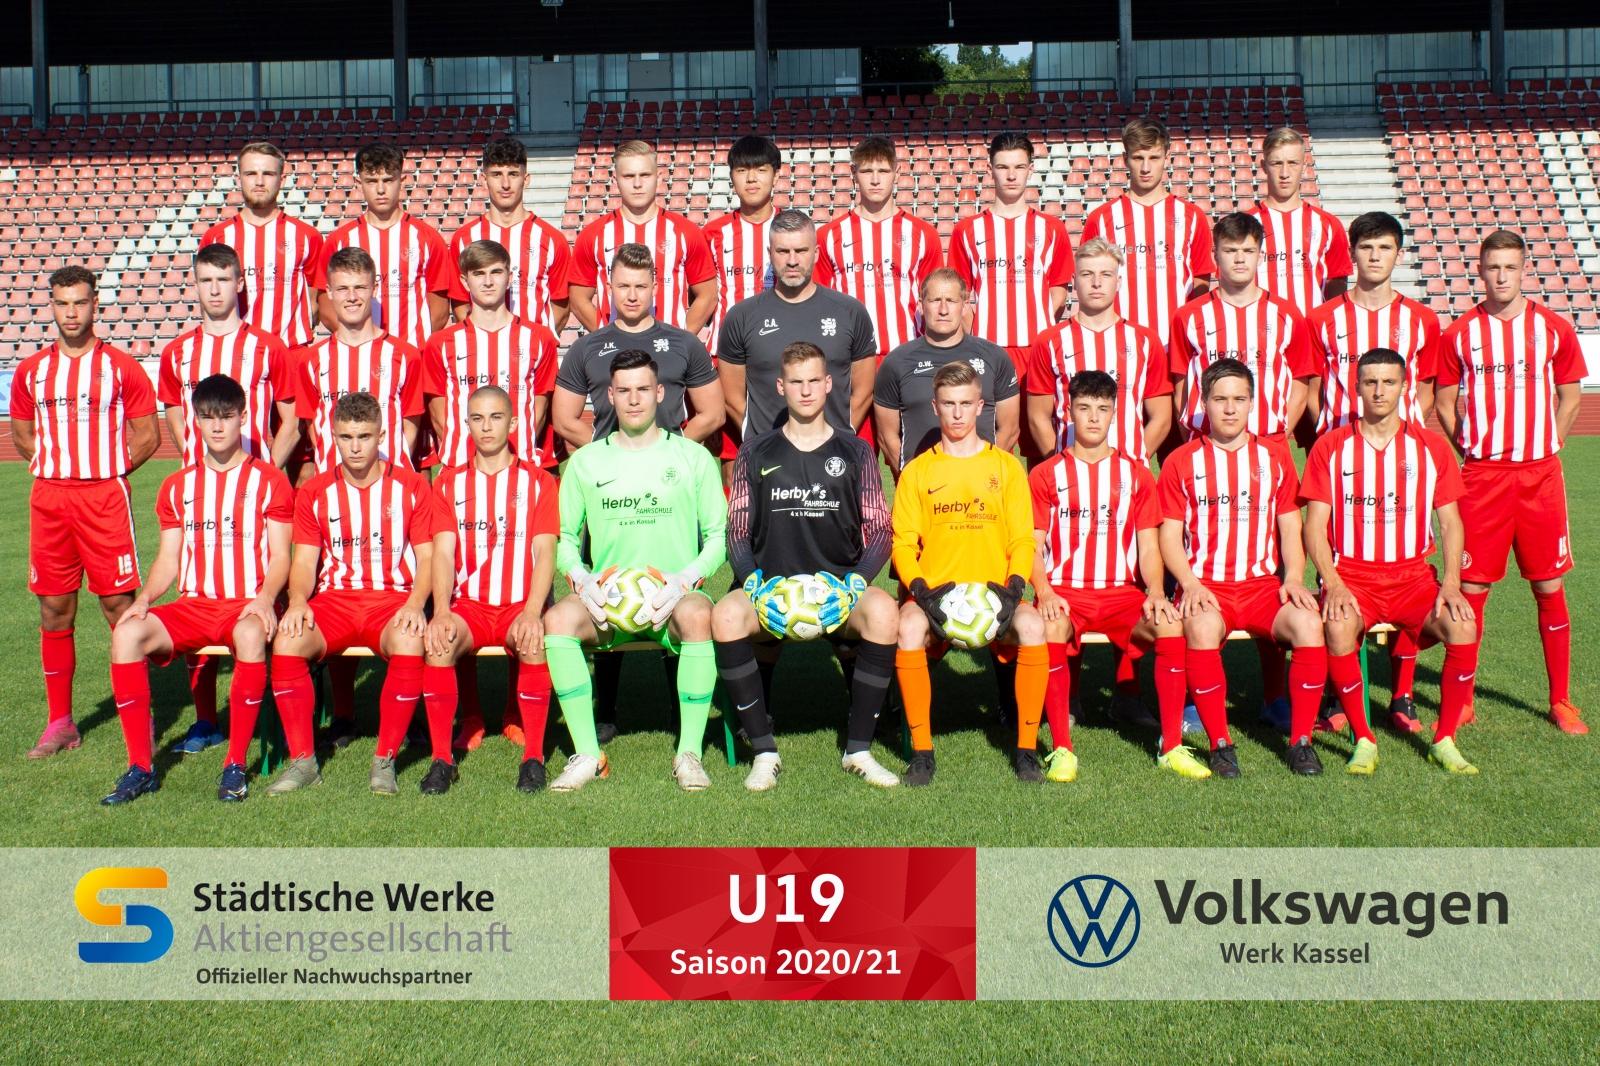 U19 Mannschaft 2020_21